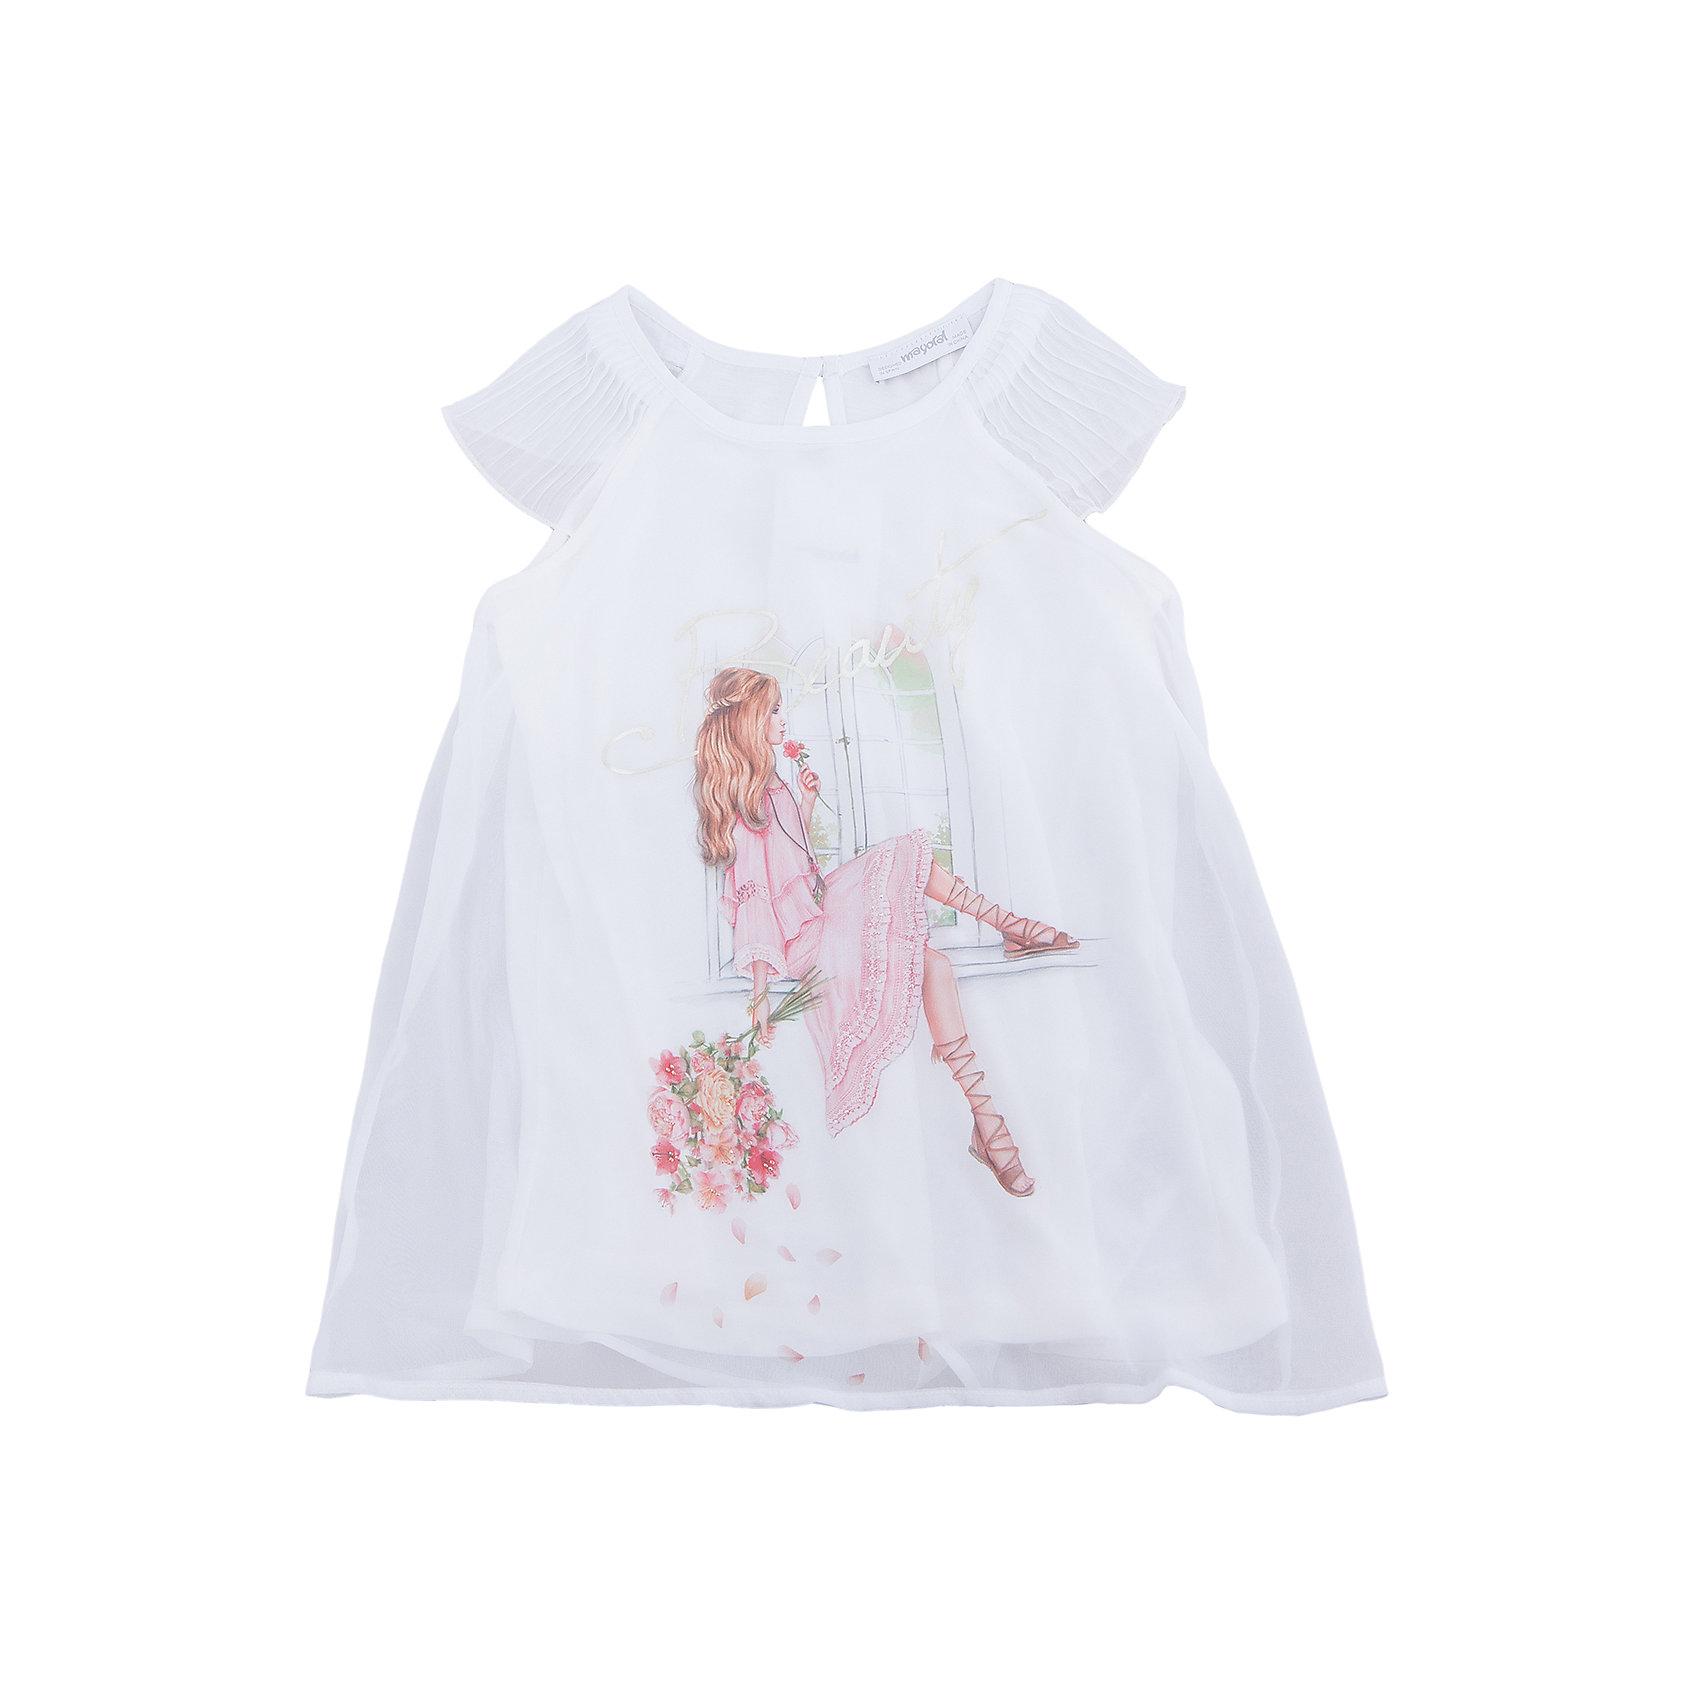 Блузка для девочки MayoralПлатья и сарафаны<br>Характеристики товара:<br><br>• цвет: молочный<br>• состав: 100% полиэстер<br>• подкладка: 100% вискоза<br>• плечи открыты<br>• пуговица сзади<br>• страна бренда: Испания<br><br>Симпатичная качественная блузка для девочки поможет разнообразить гардероб ребенка и украсить наряд. Интересная отделка модели делает её нарядной и оригинальной. <br><br>Блузку для девочки от испанского бренда Mayoral (Майорал) можно купить в нашем интернет-магазине.<br><br>Ширина мм: 186<br>Глубина мм: 87<br>Высота мм: 198<br>Вес г: 197<br>Цвет: бежевый<br>Возраст от месяцев: 132<br>Возраст до месяцев: 144<br>Пол: Женский<br>Возраст: Детский<br>Размер: 164,152,128/134,140,158<br>SKU: 5300856